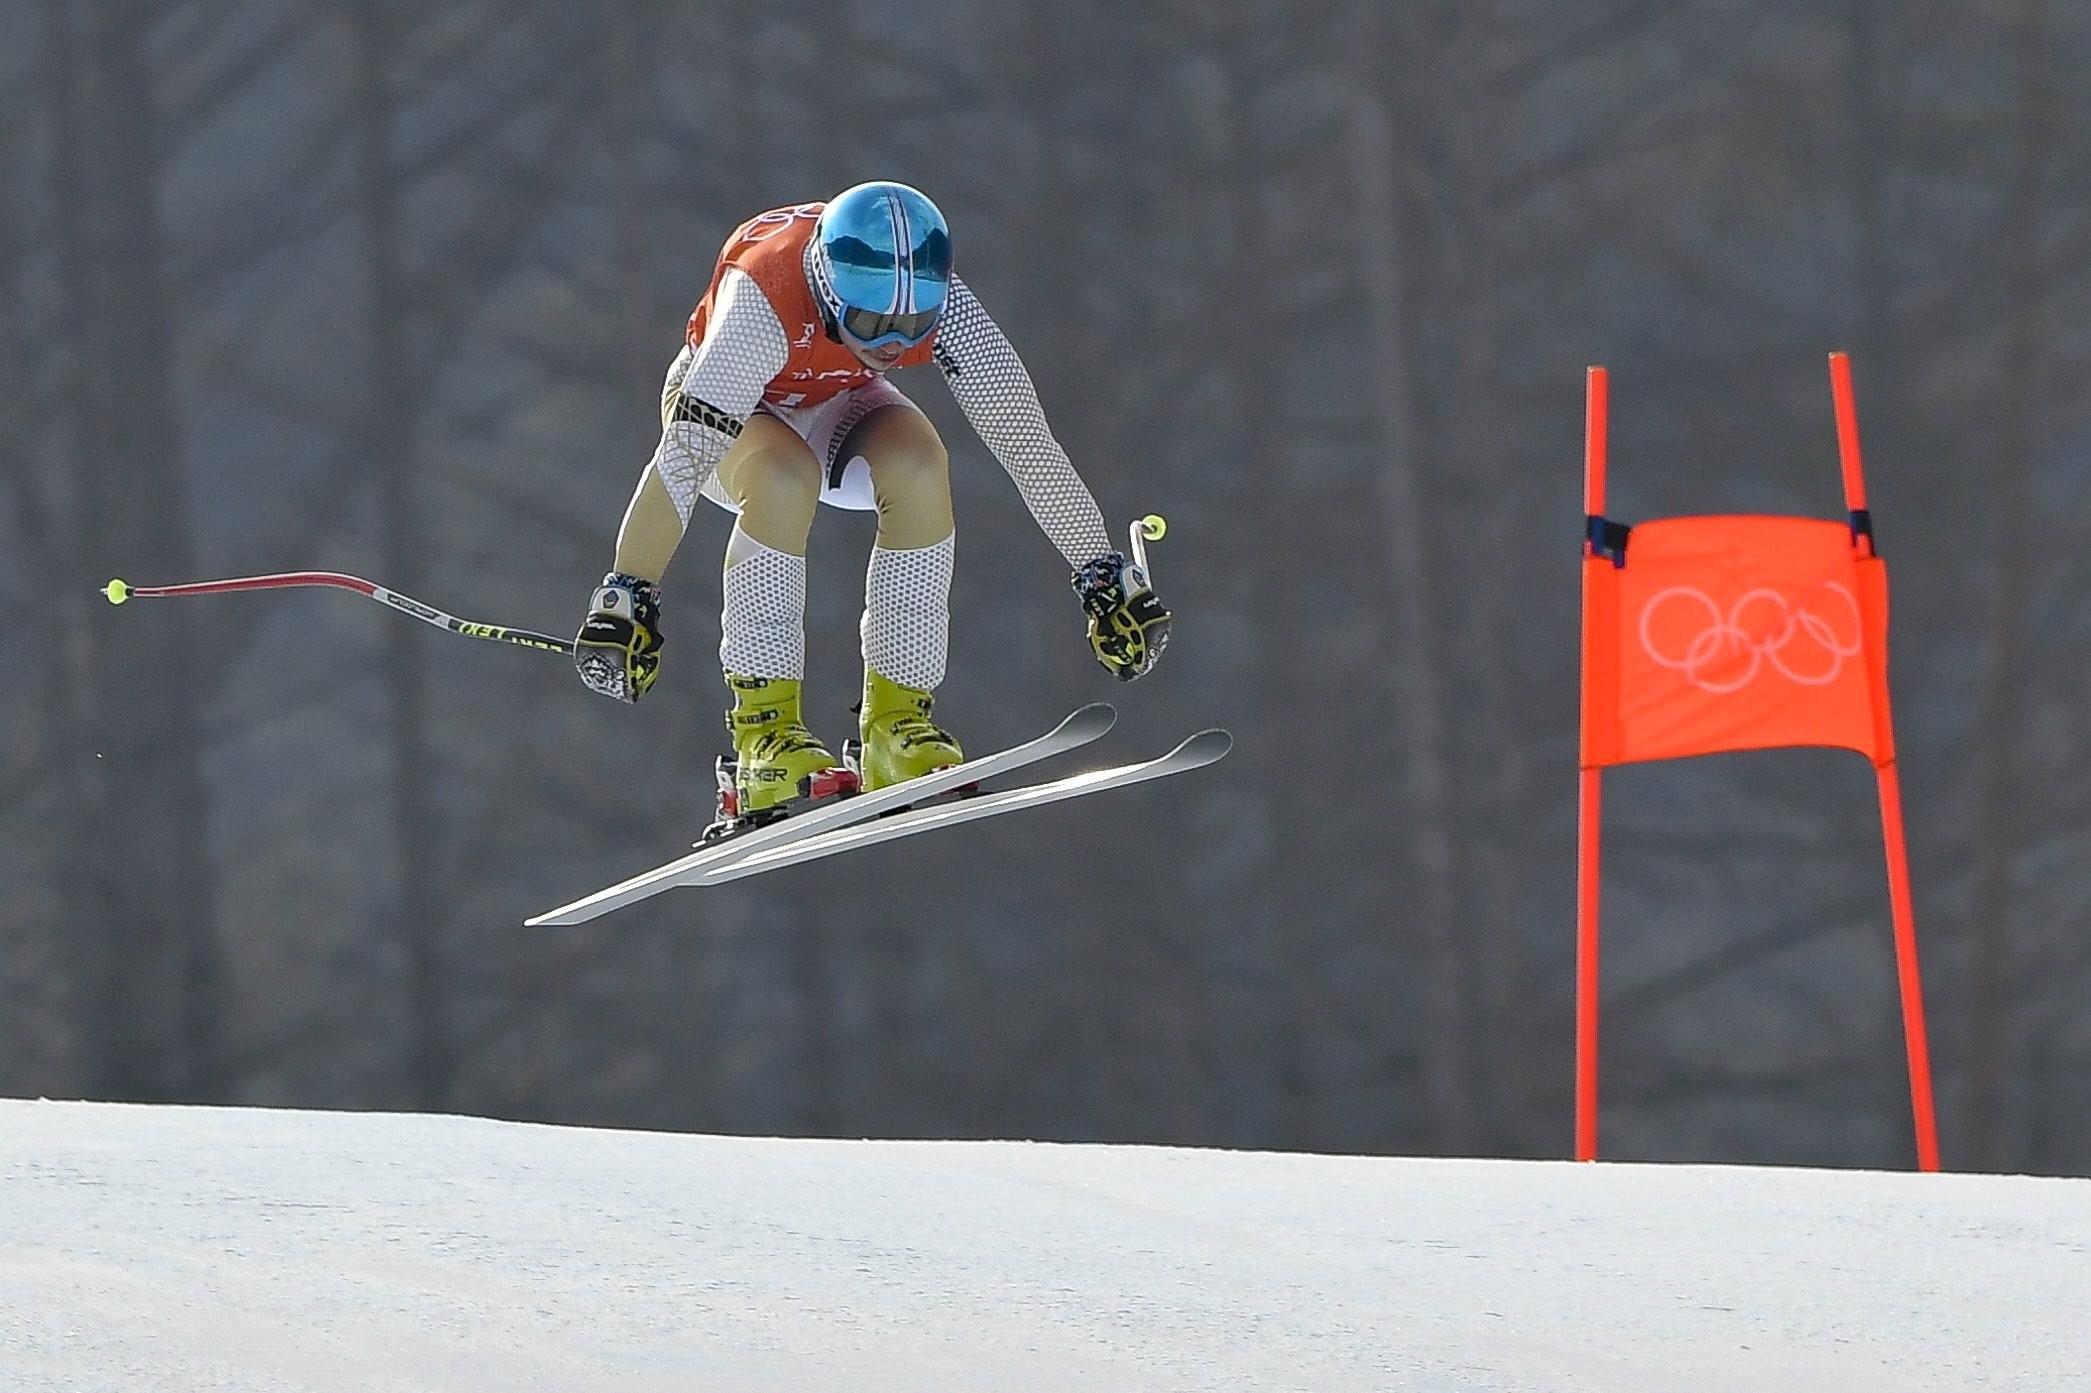 Téli olimpia Phjongcshang 2018 - A 2018-as téli olimpia műsora és versenyhelyszínei